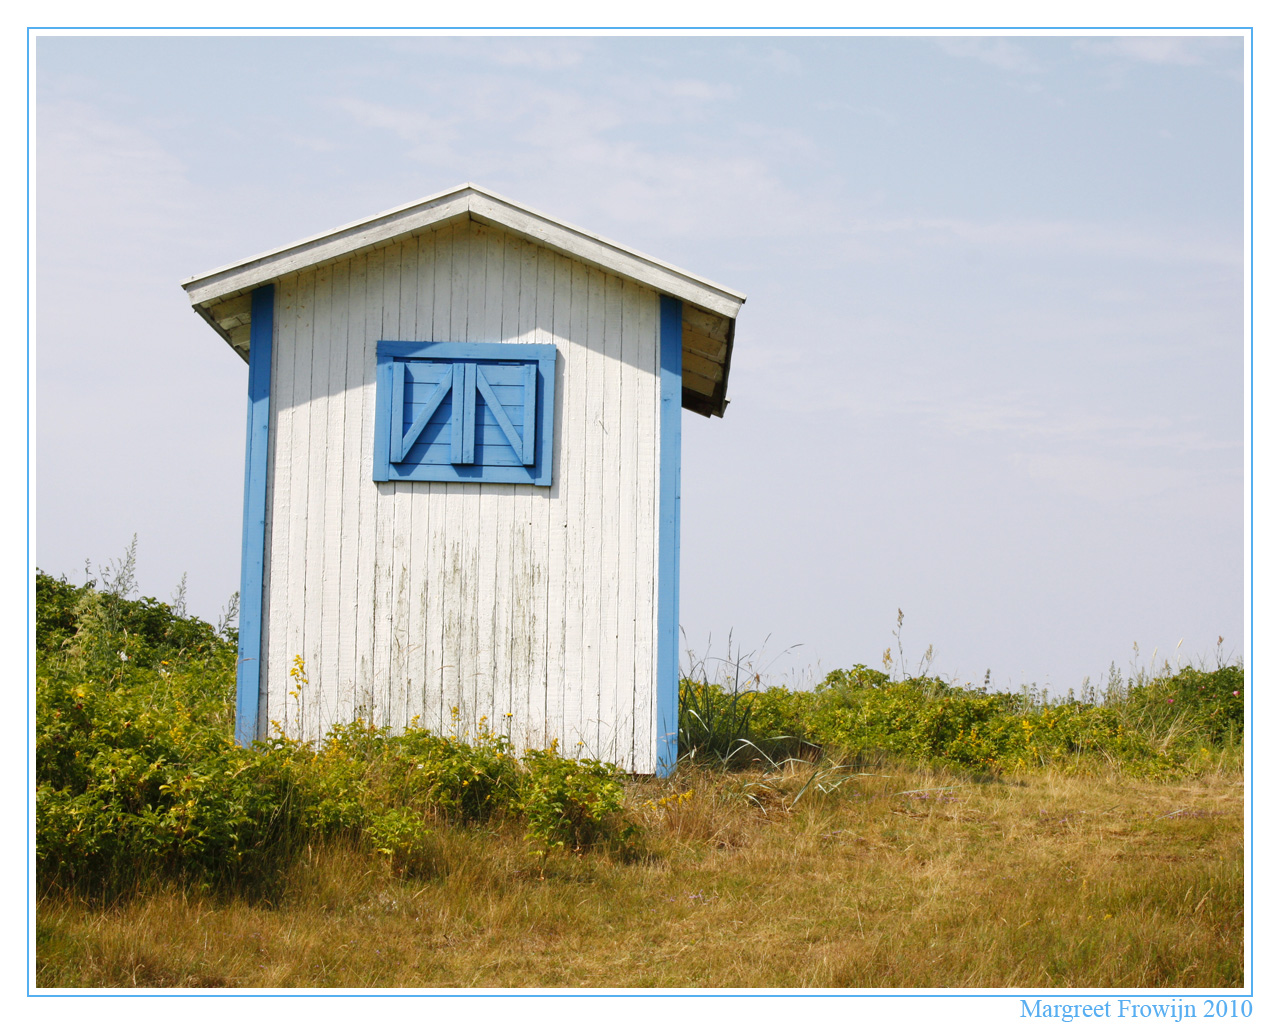 wallpaper, wallpapers, achtergrond, achtergronden, zweden